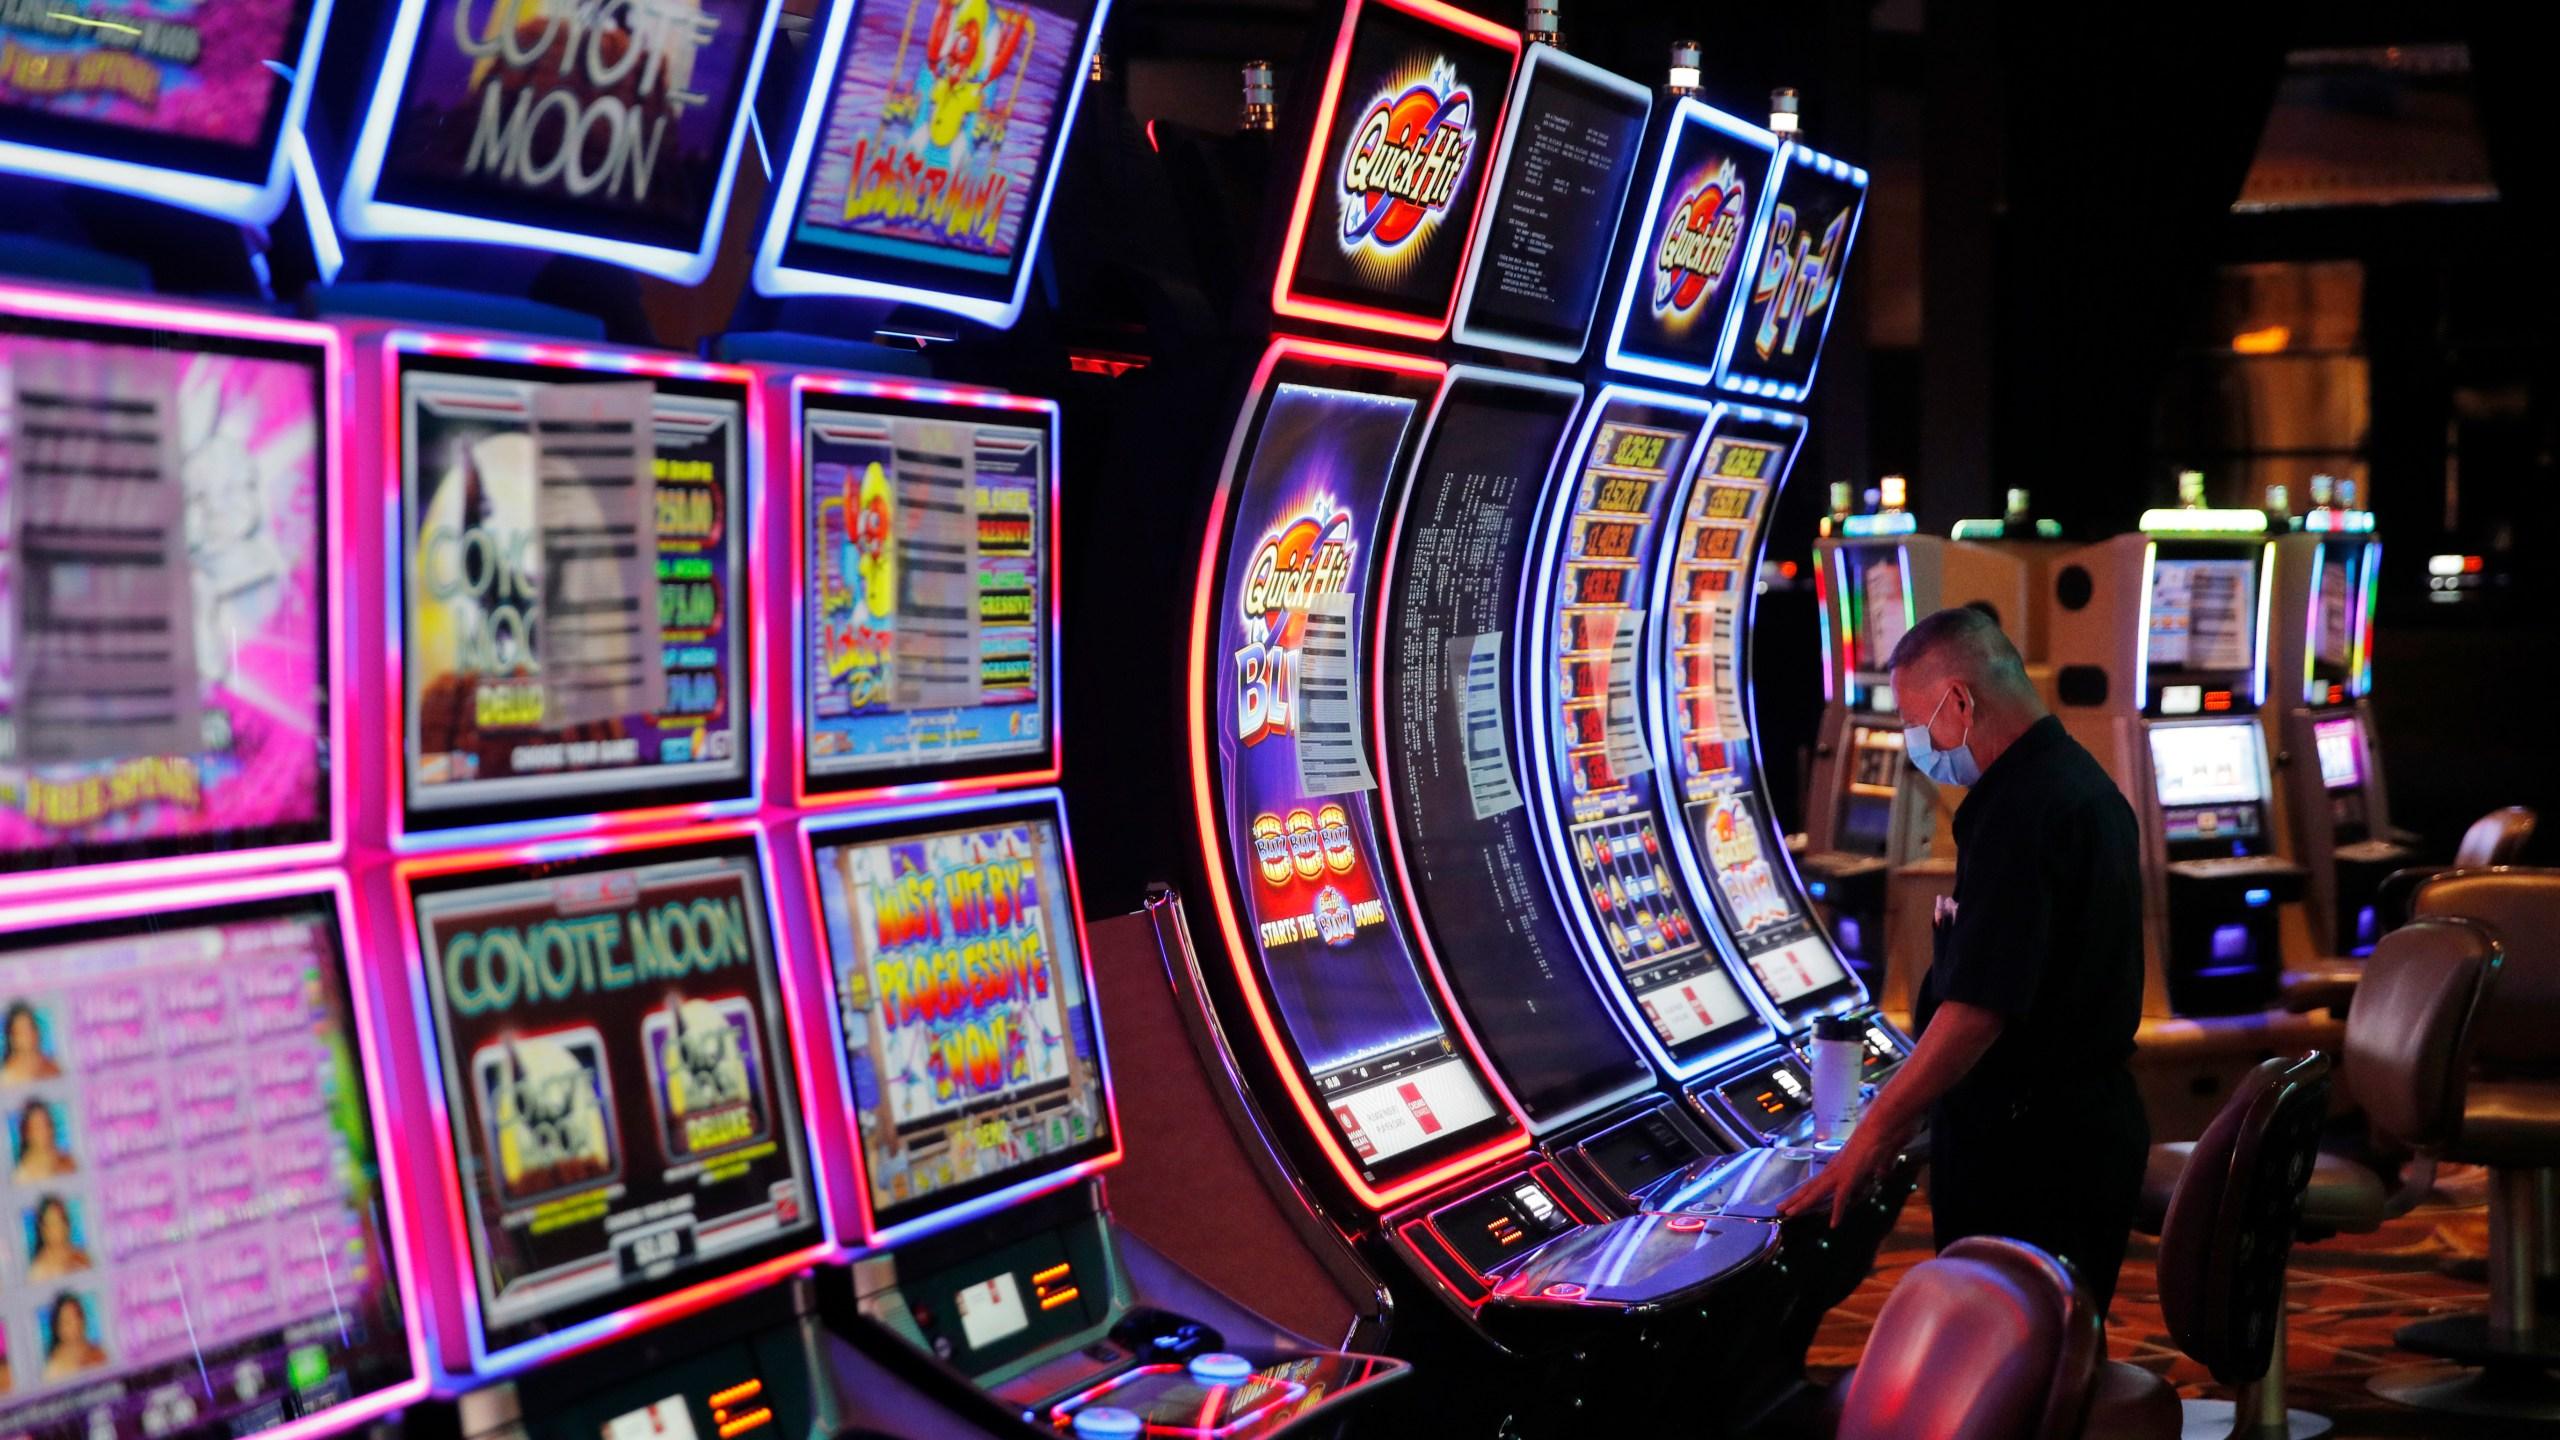 Virginia's electronic gaming machines face ban next year | WFXRtv